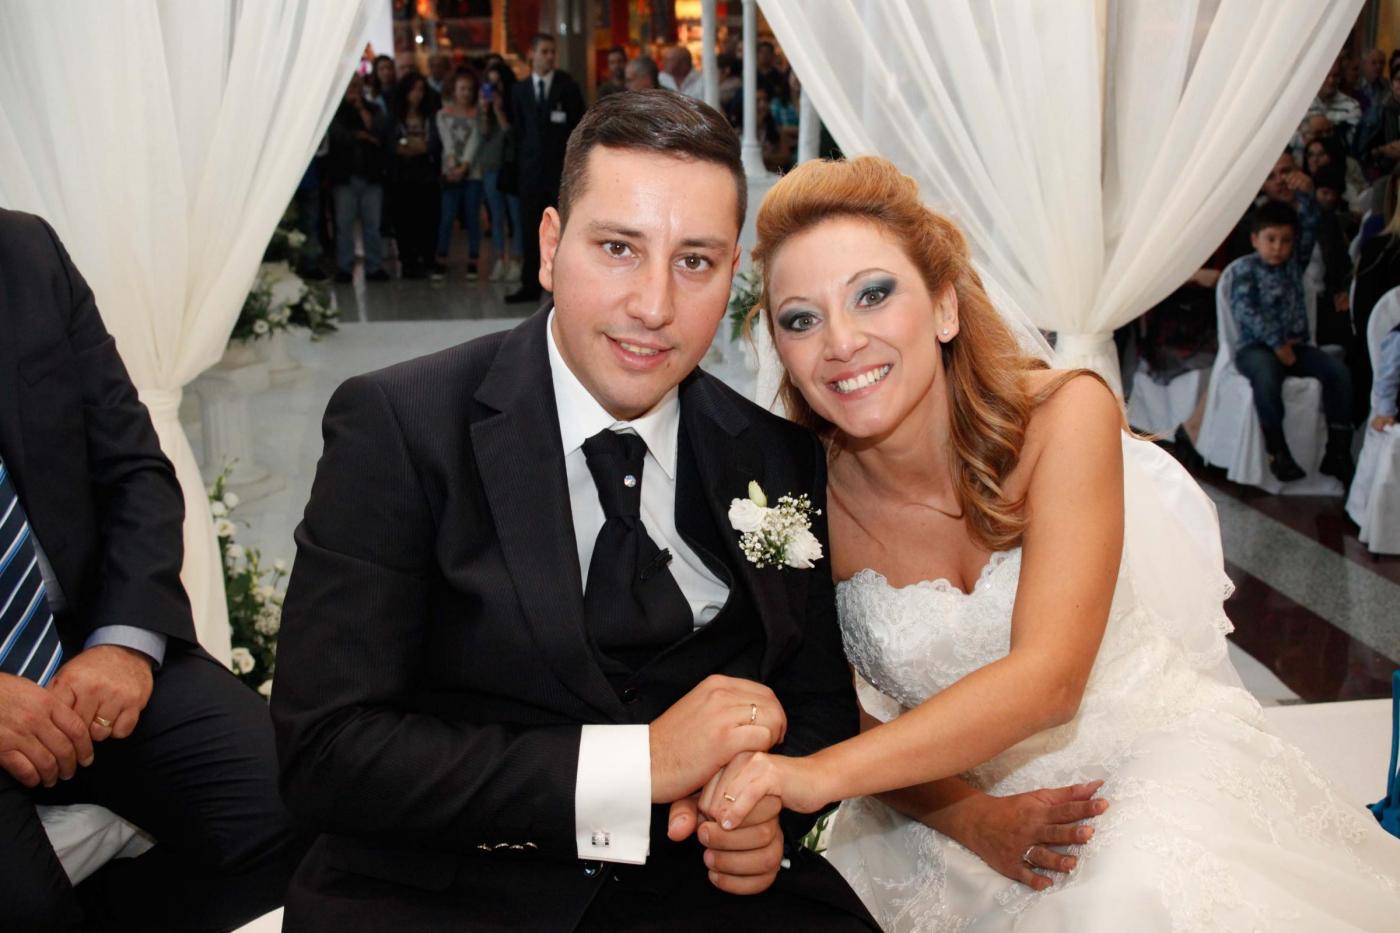 Si sposano nel centro commerciale del primo incontro: è la prima volta in Italia01